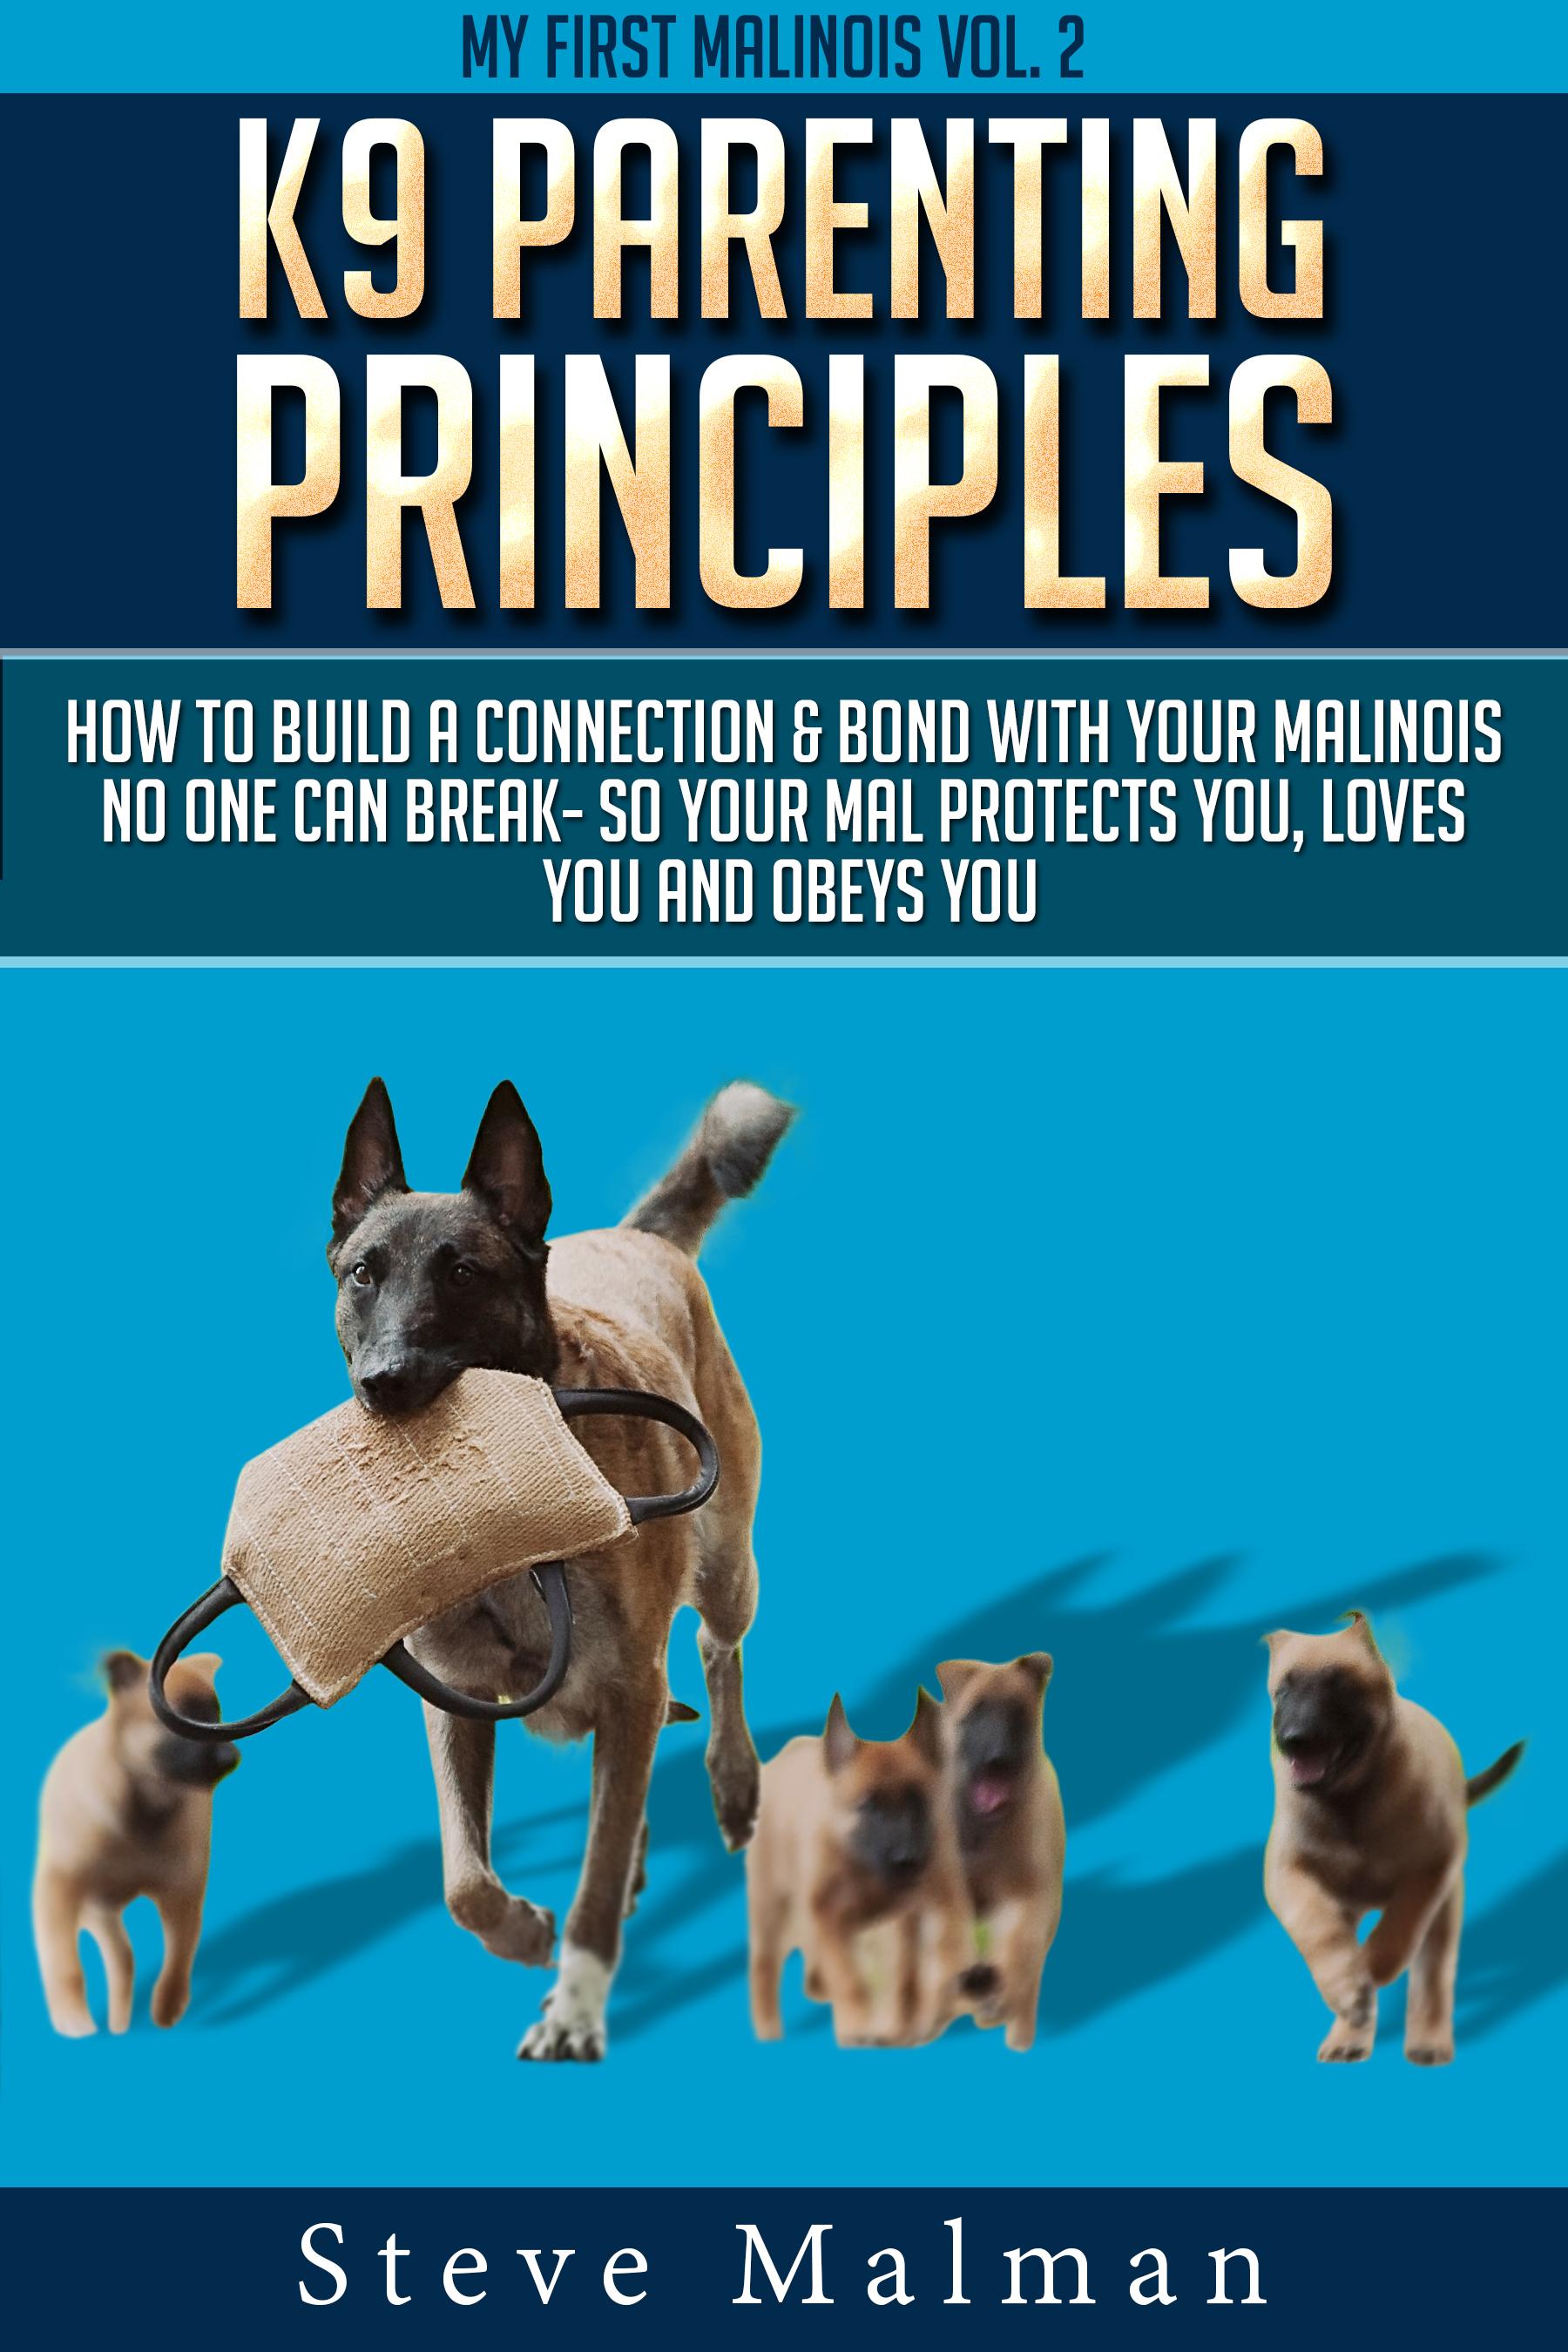 K9 Parenting Principles